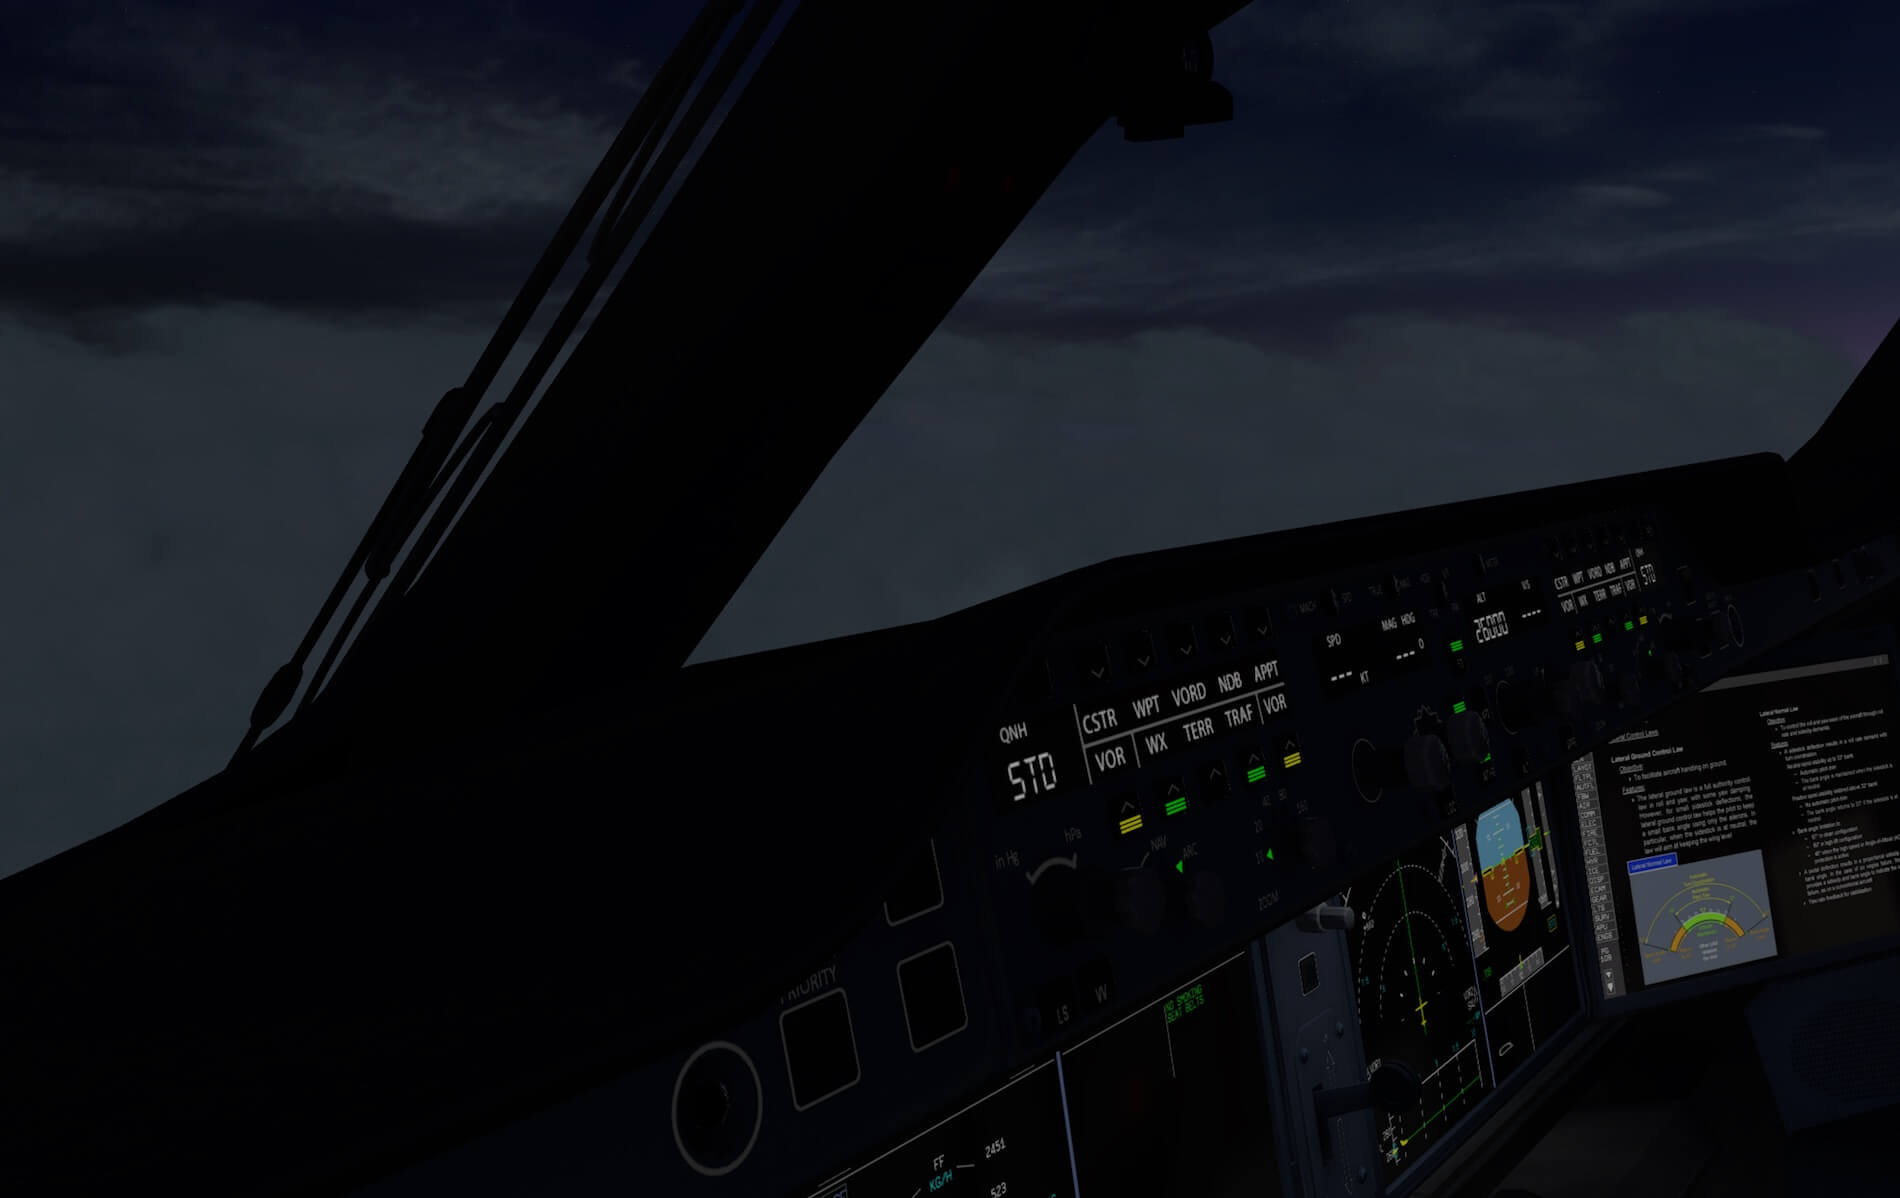 A350_xp11_53